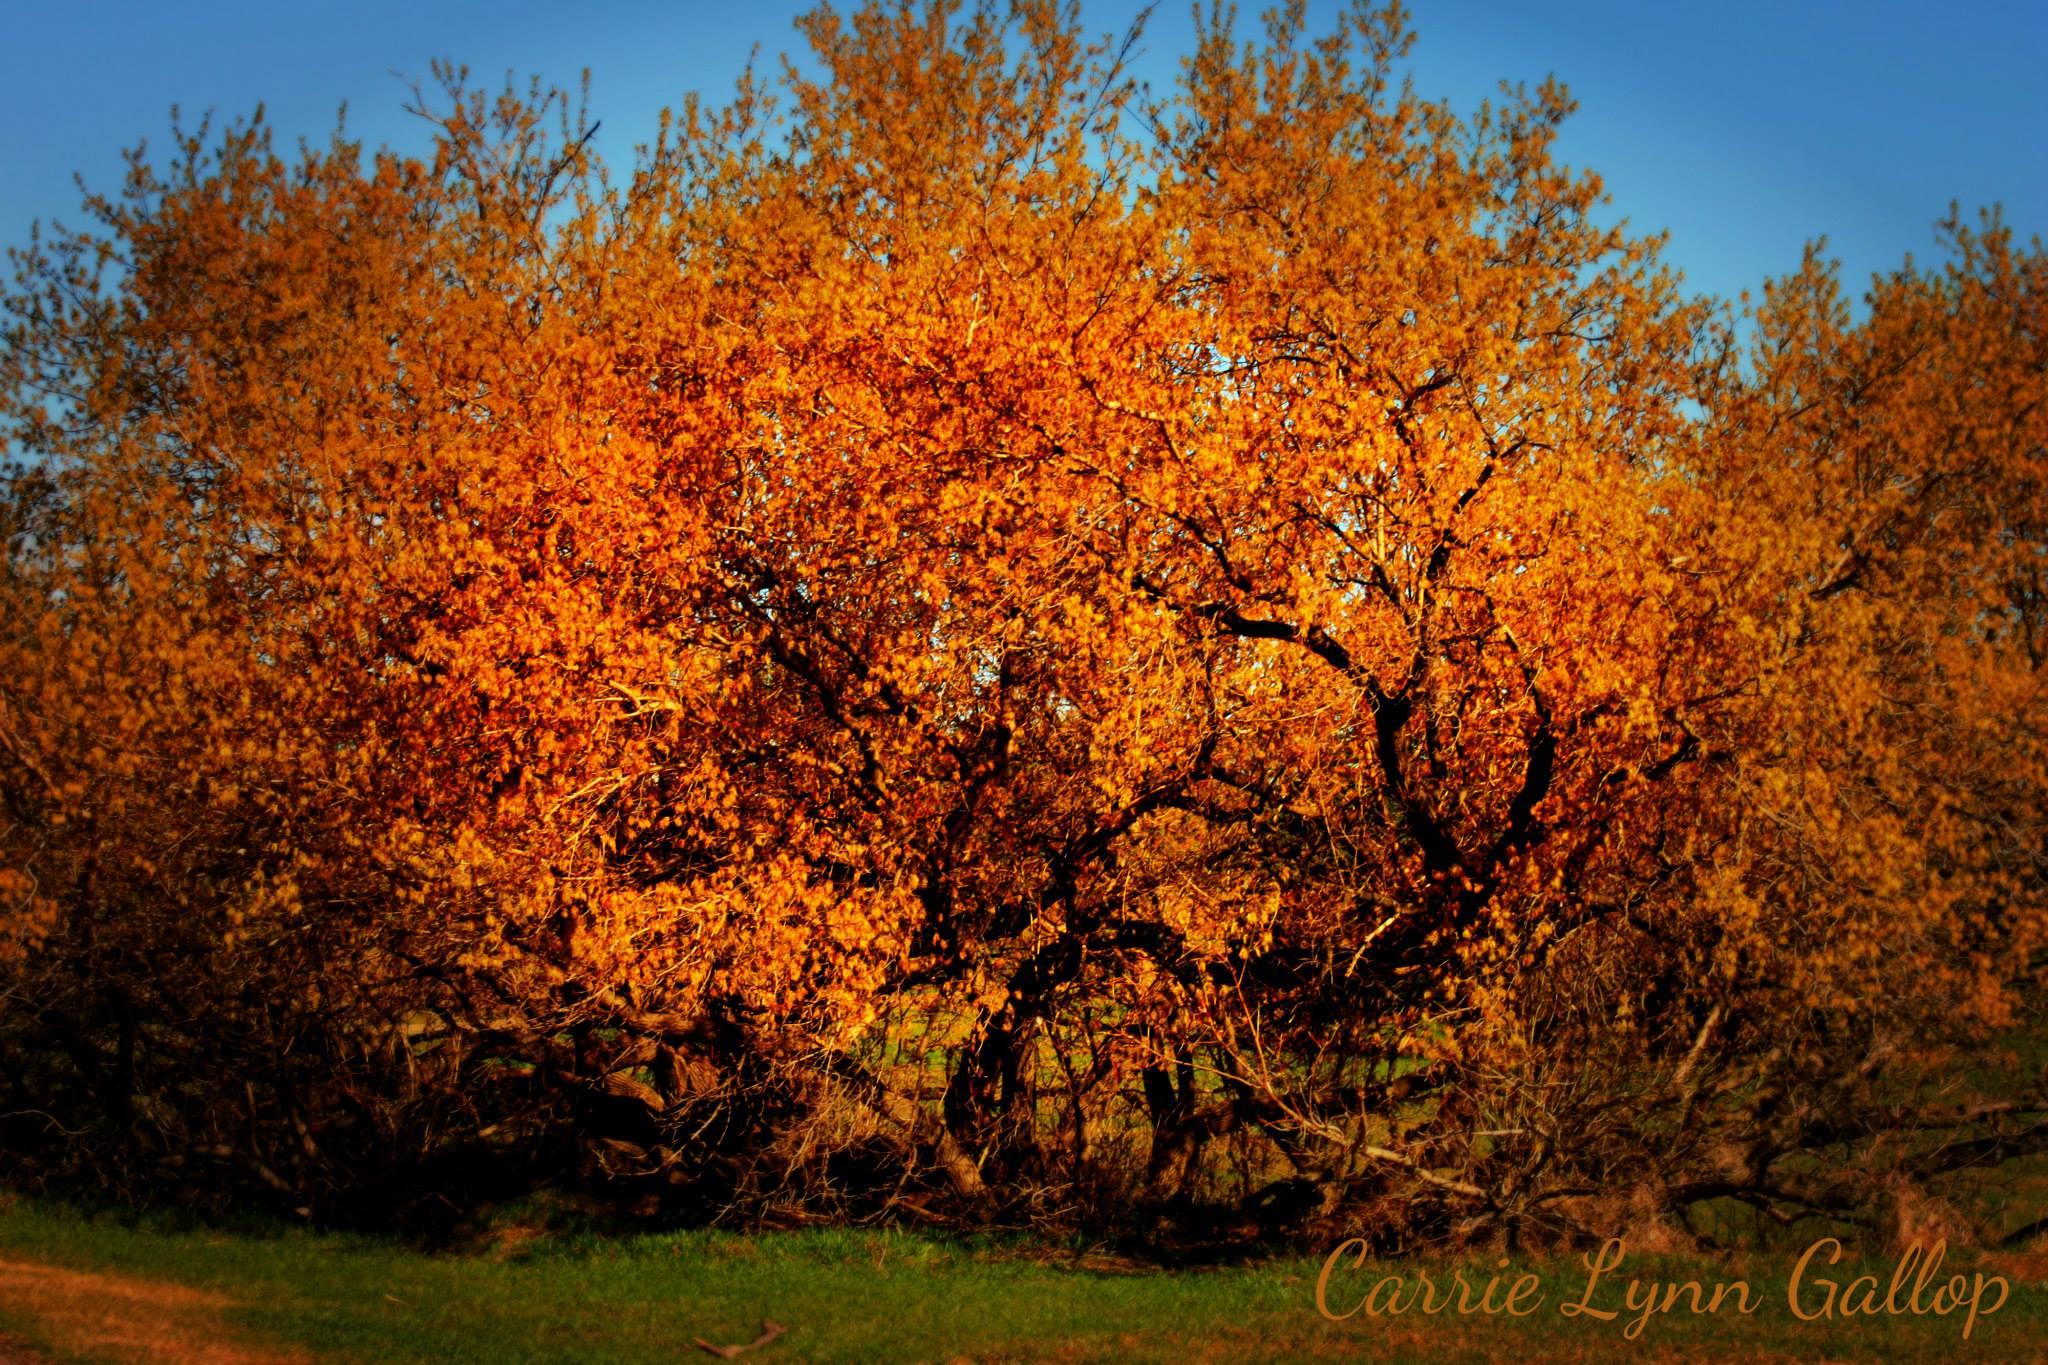 My photography - Orange tree